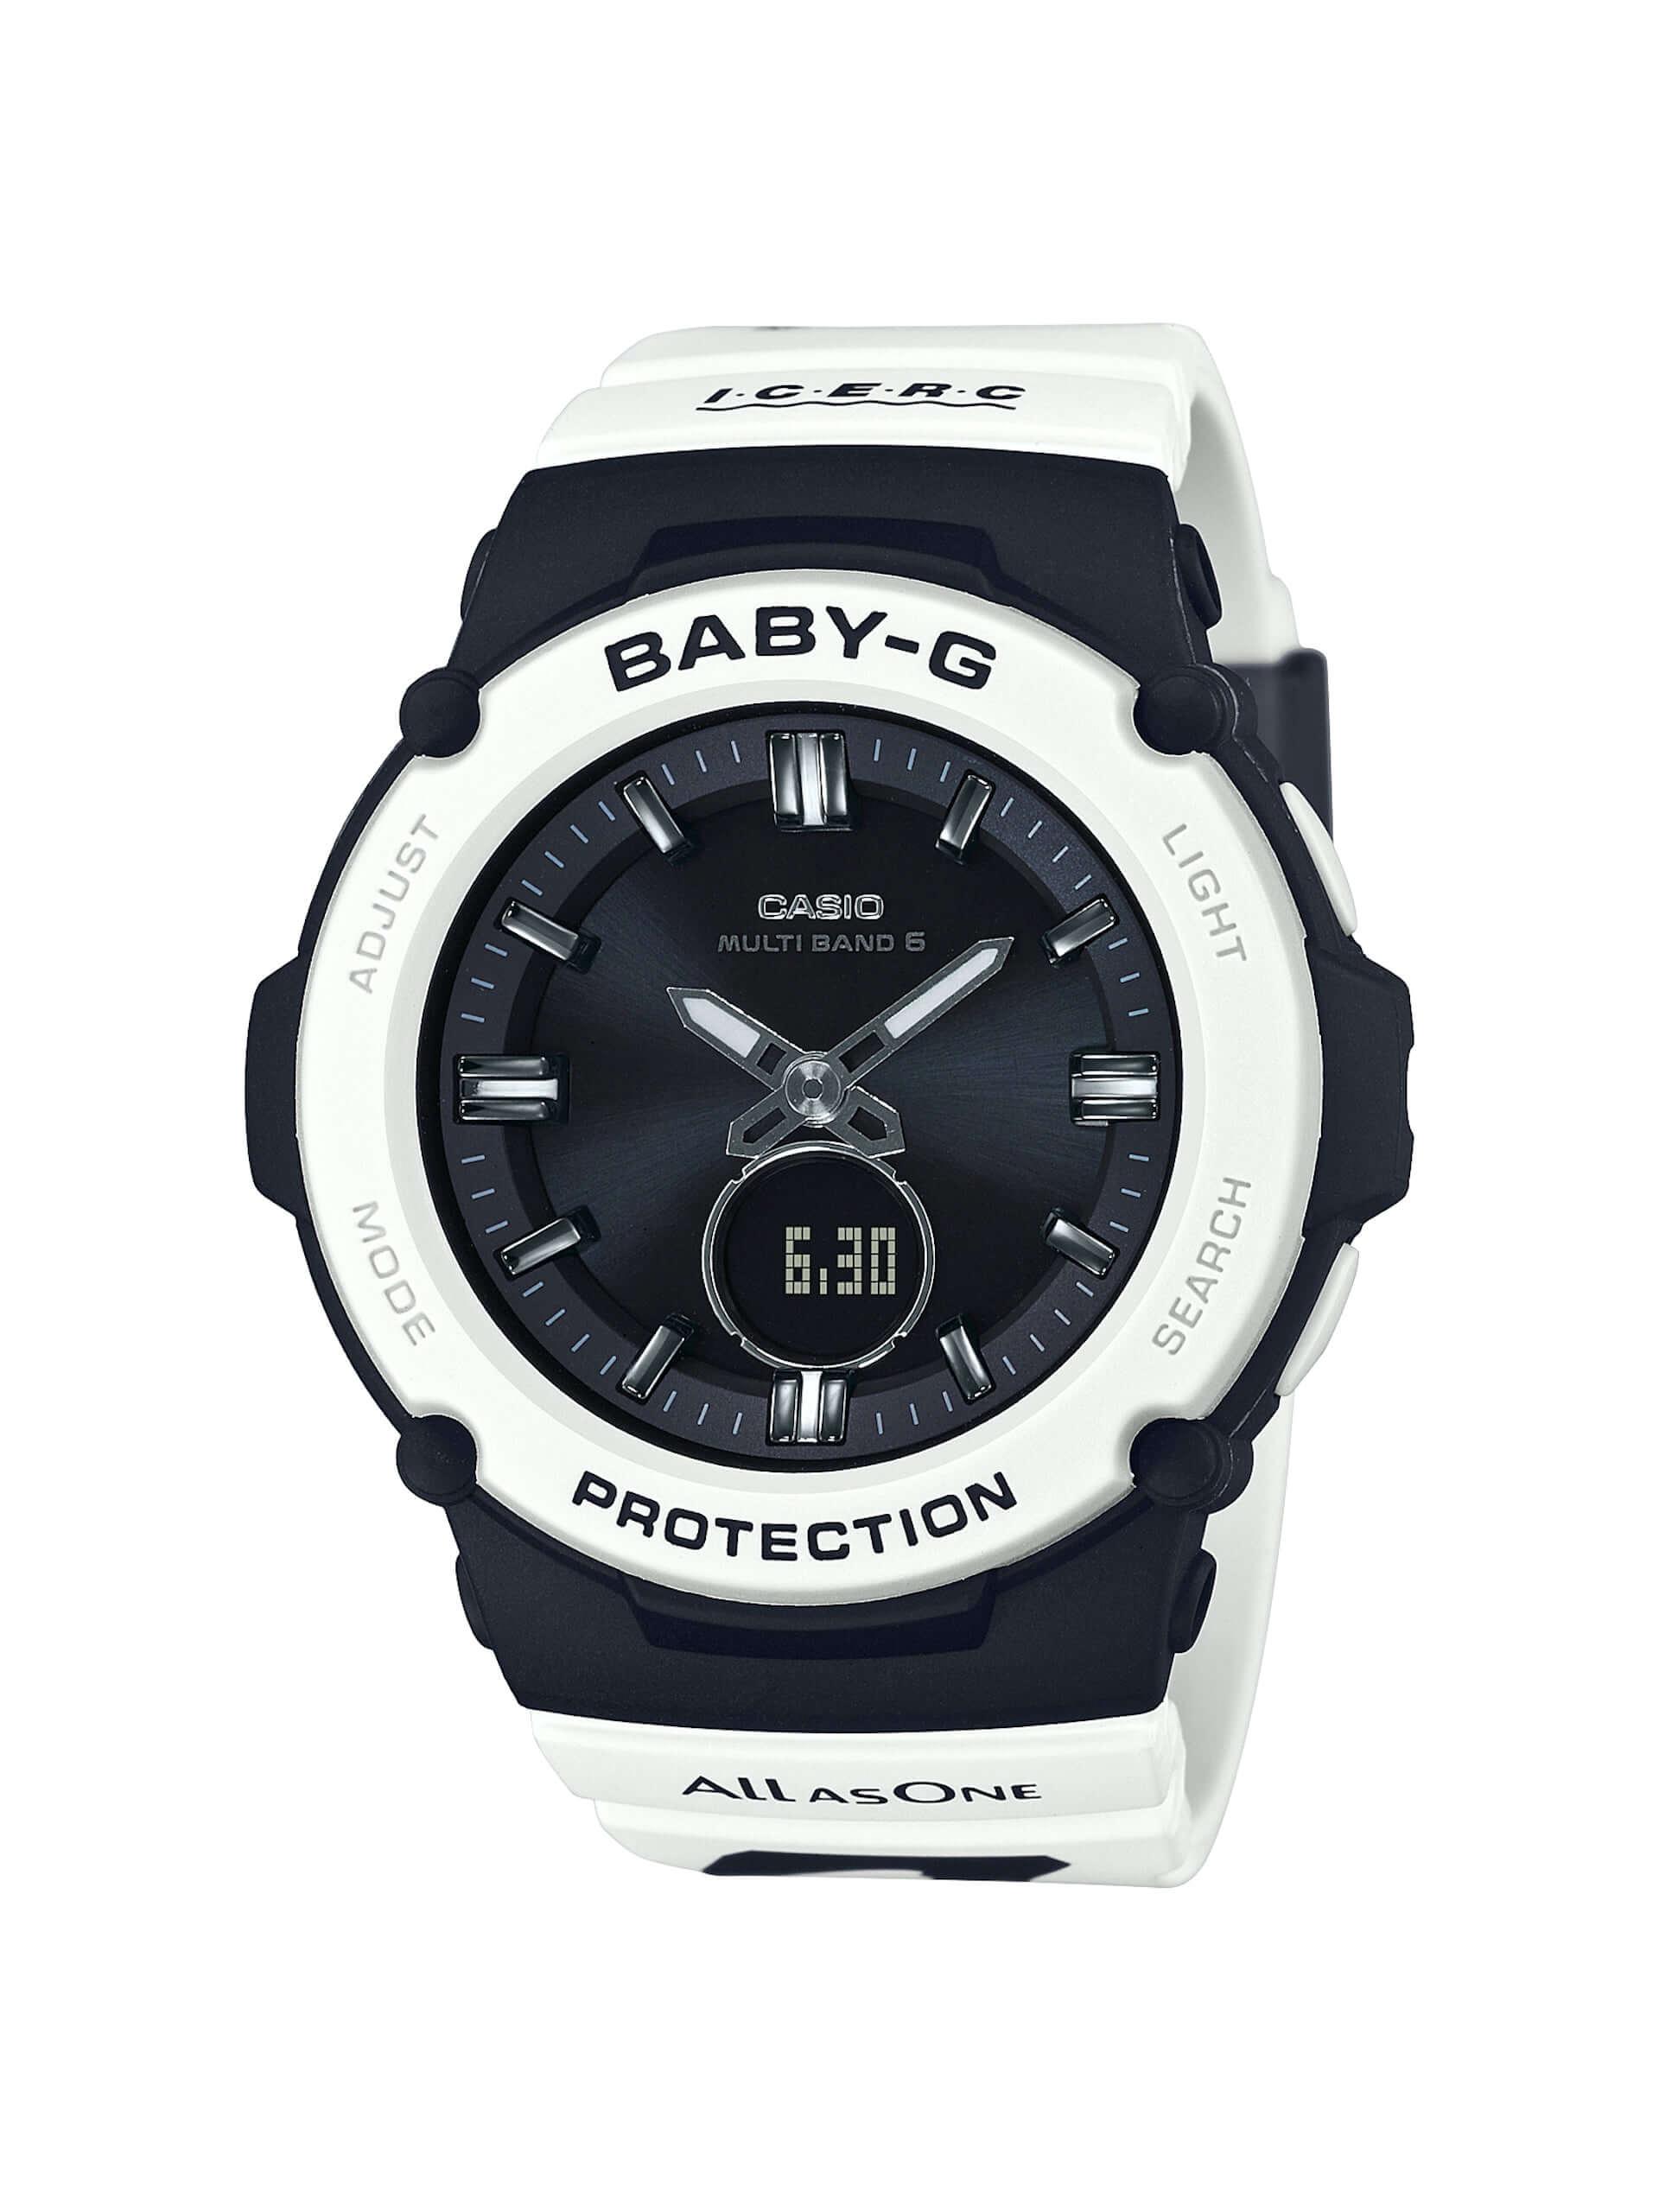 """CASIO「G-SHOCK」「BABY-G」に""""シャチ""""をモチーフにしたニューデザインが登場!アイサーチ・ジャパンとのコラボモデル新作が発売決定 tech200511_casio_watch_1-1920x2560"""